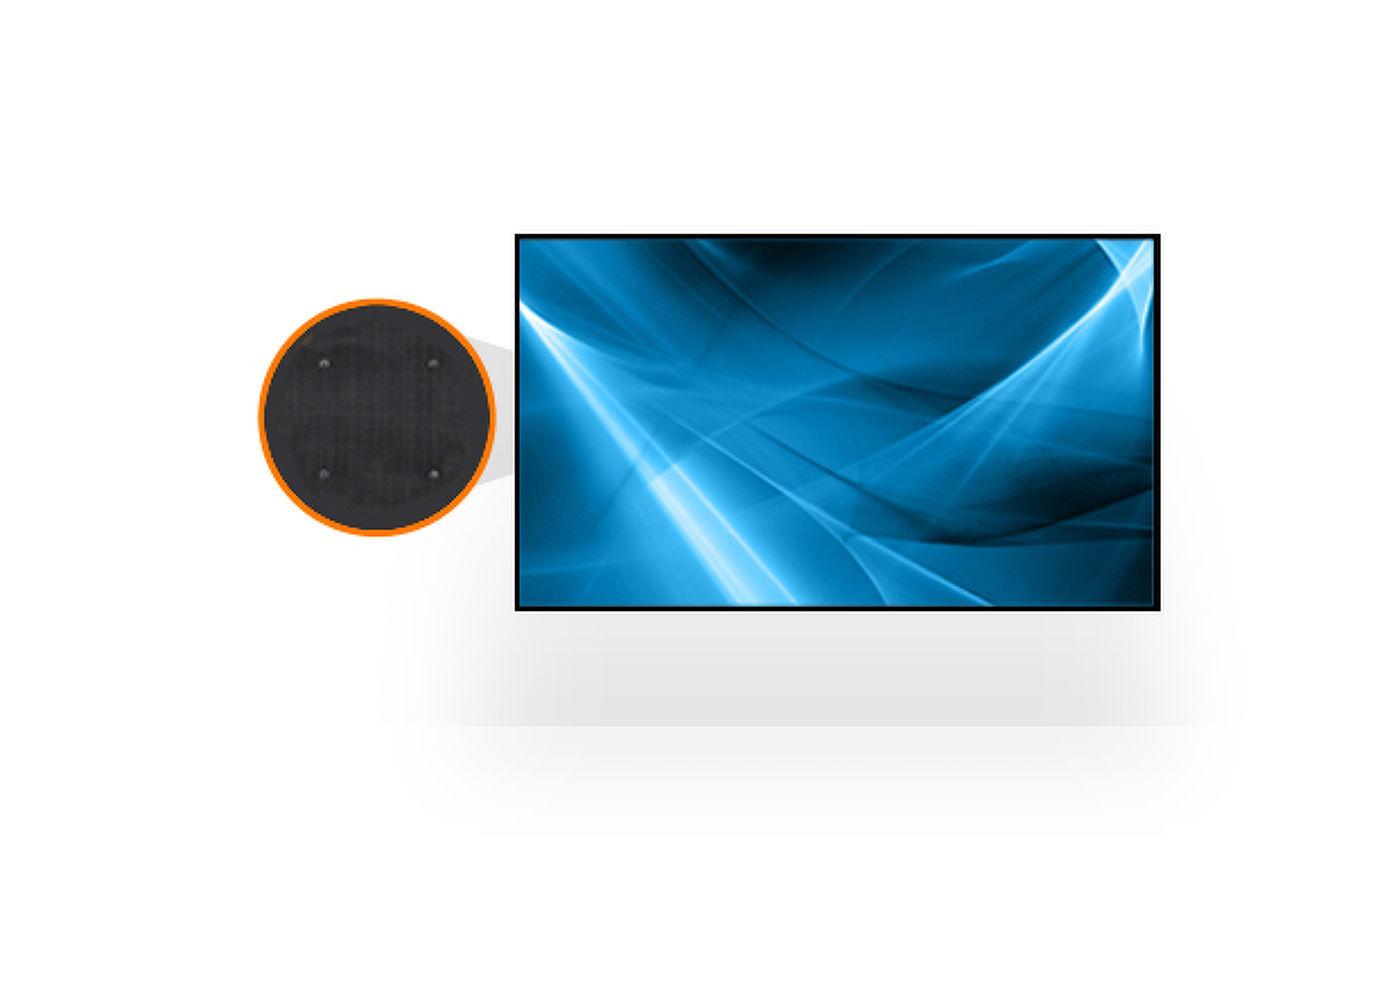 cf7f8bb659f8b57057fd3f58b50ced77-vesa.jpg [MS-15481123719086096-0090307674-FR]/Catalogue produits RDC et GM / Online